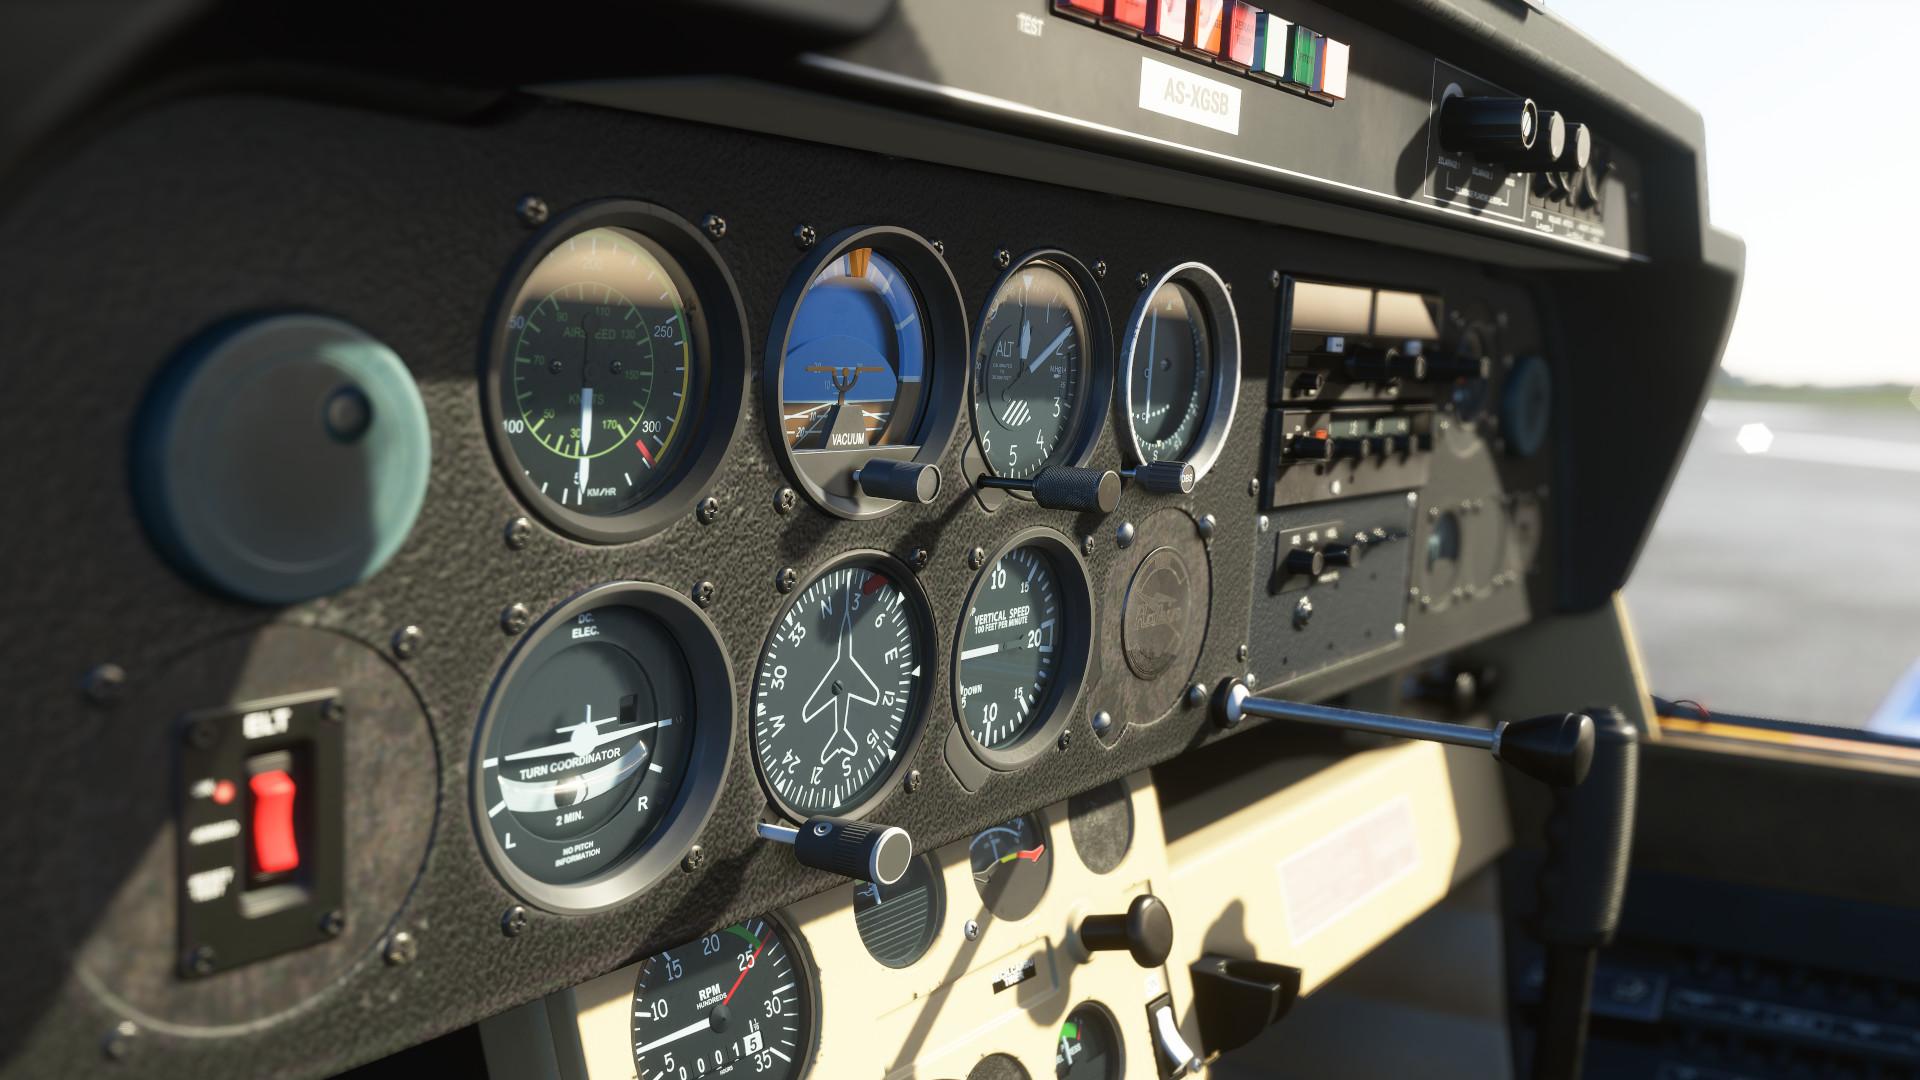 microsoft flight simulator 2020 controls and keybindings